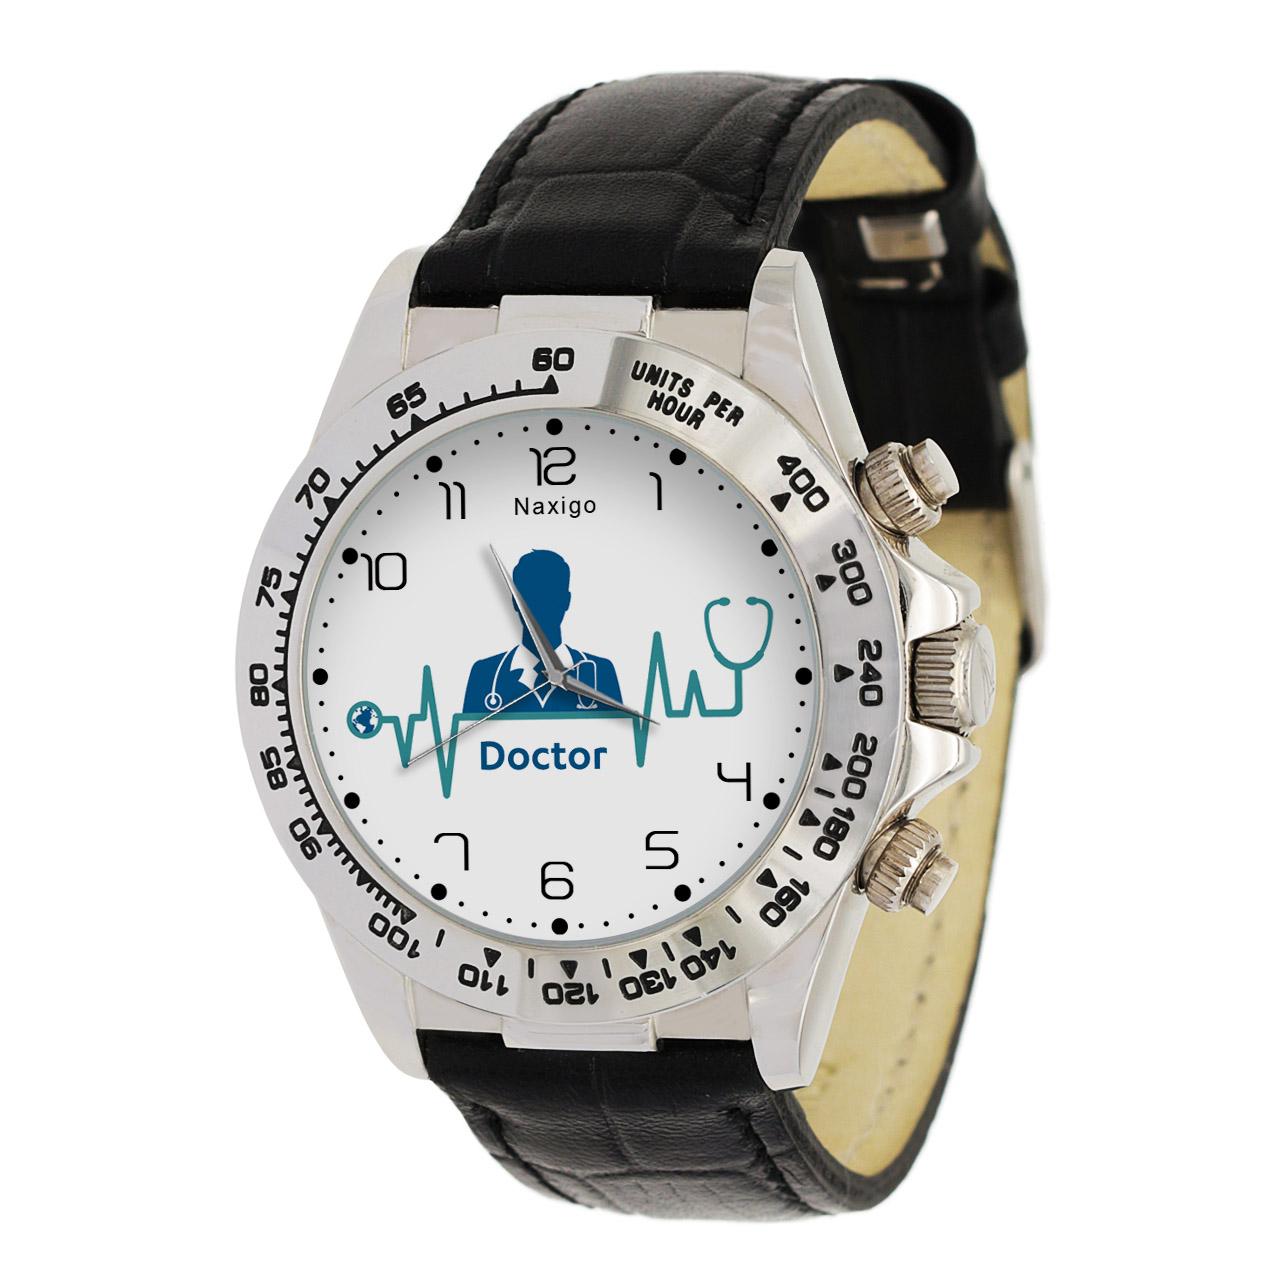 ساعت مچی  مردانه ناکسیگو طرح پزشک کد LS3529